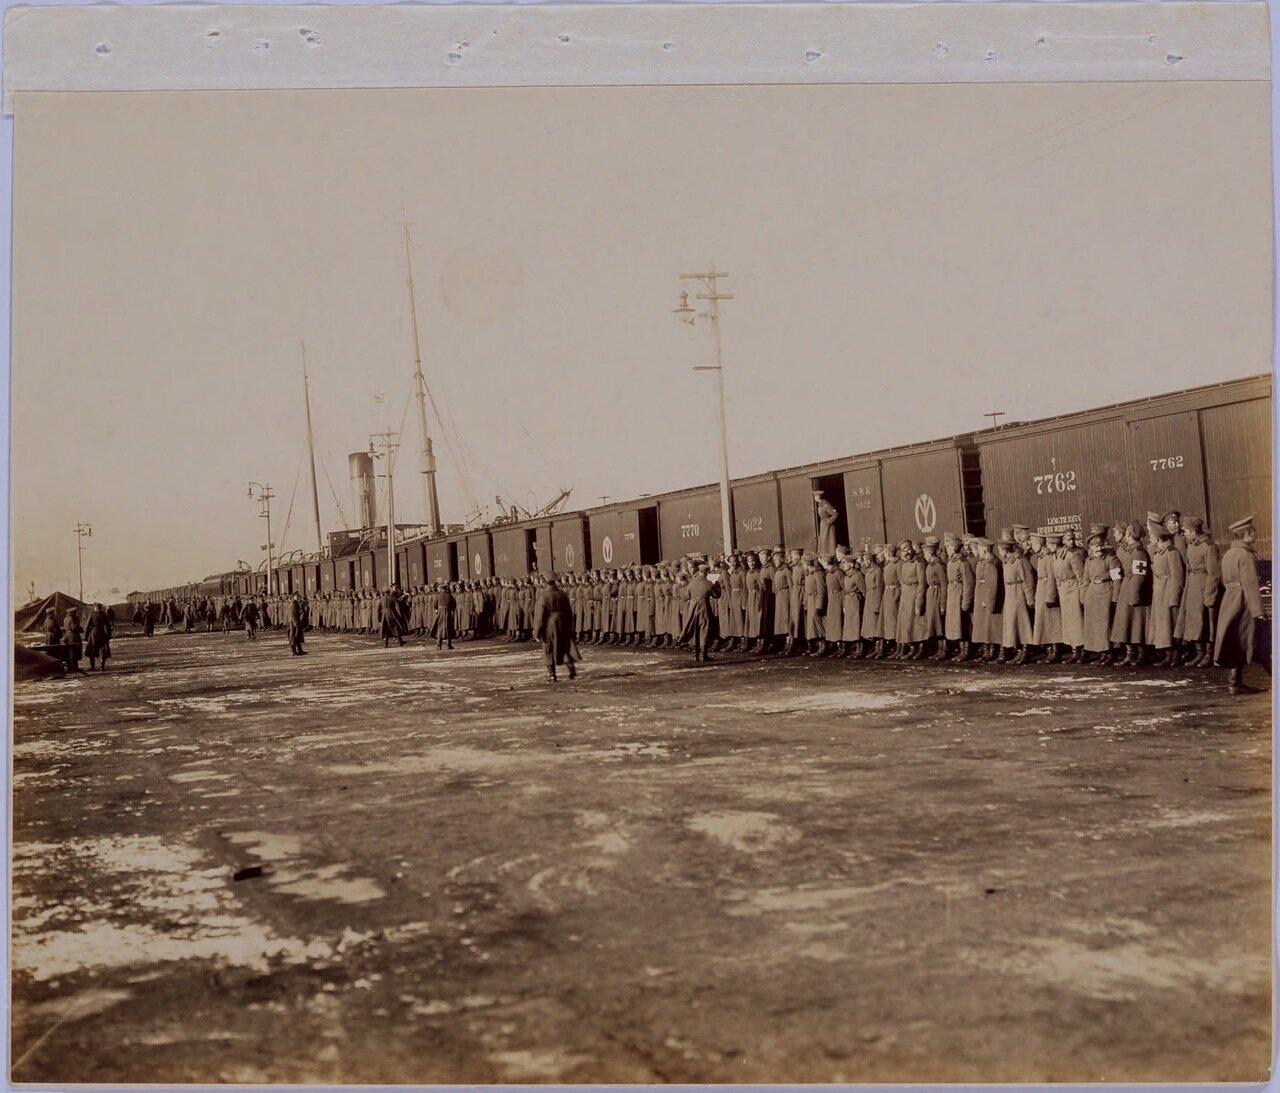 Офицеры и солдаты 8-го полка прибыли в Далянь утром 16 марта. Построение после прибытия на пристань для осмотра